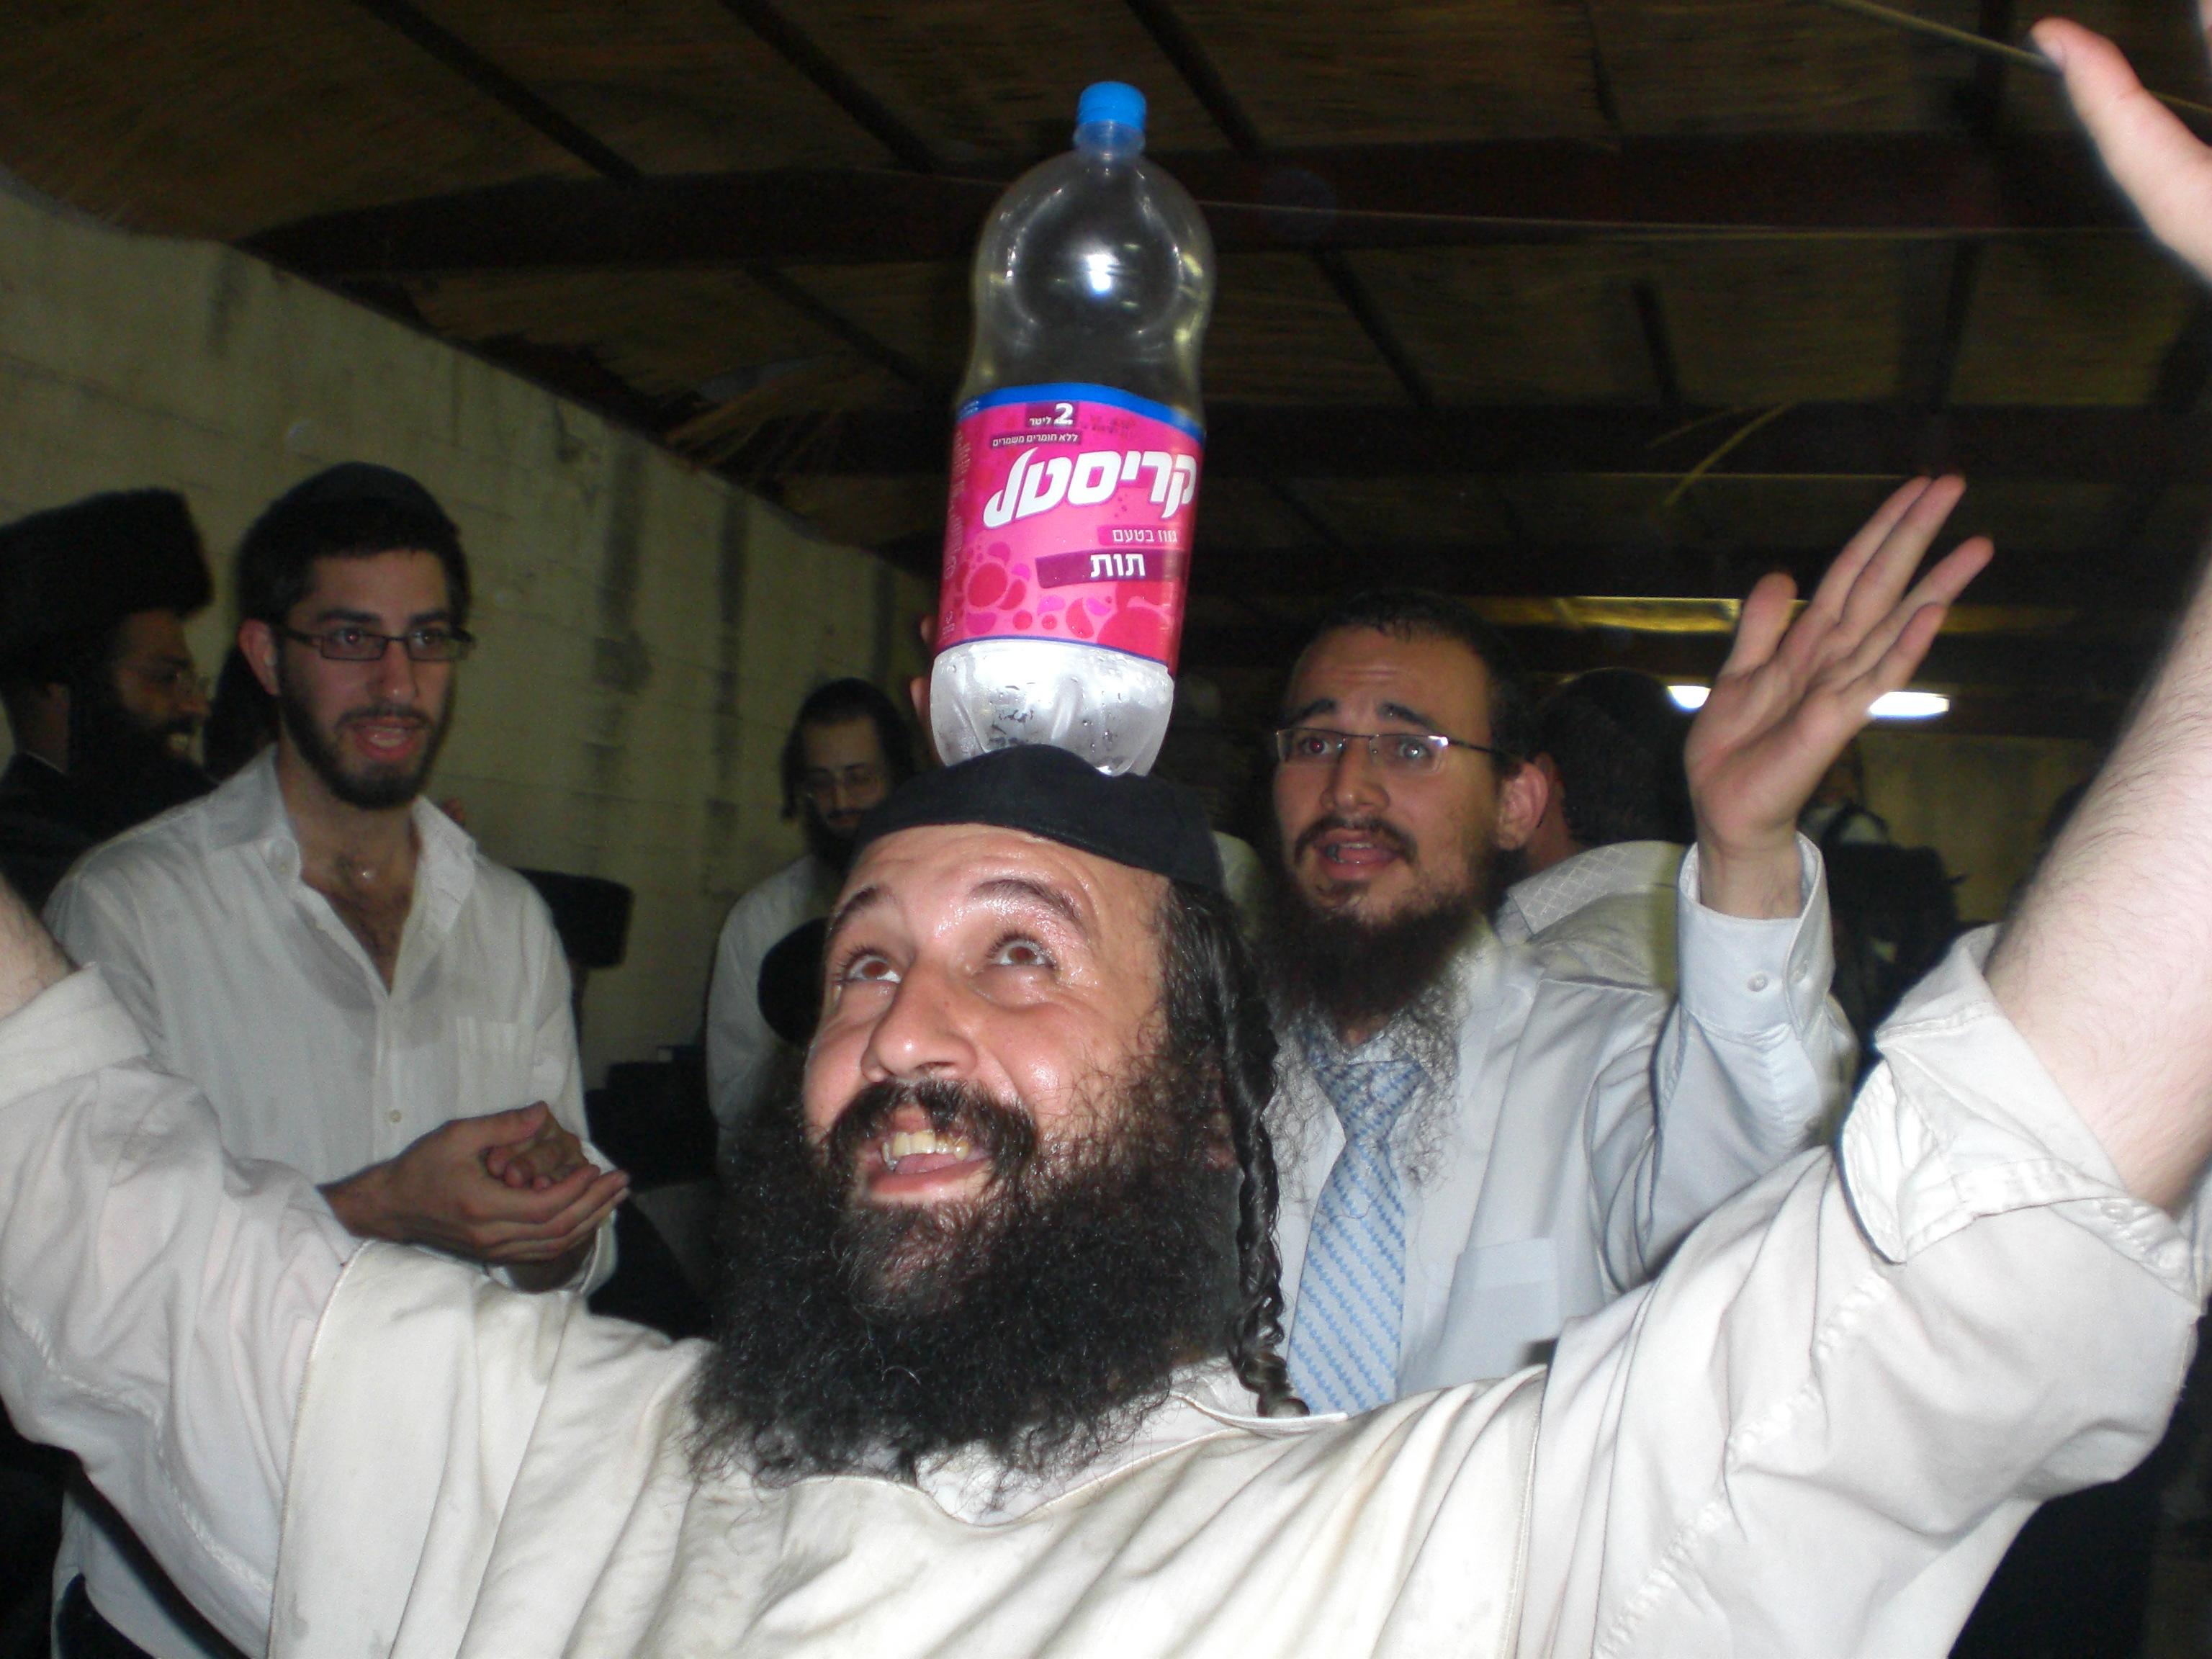 ריקודים,ברסלב,שמחה,,בקבוק על הראש